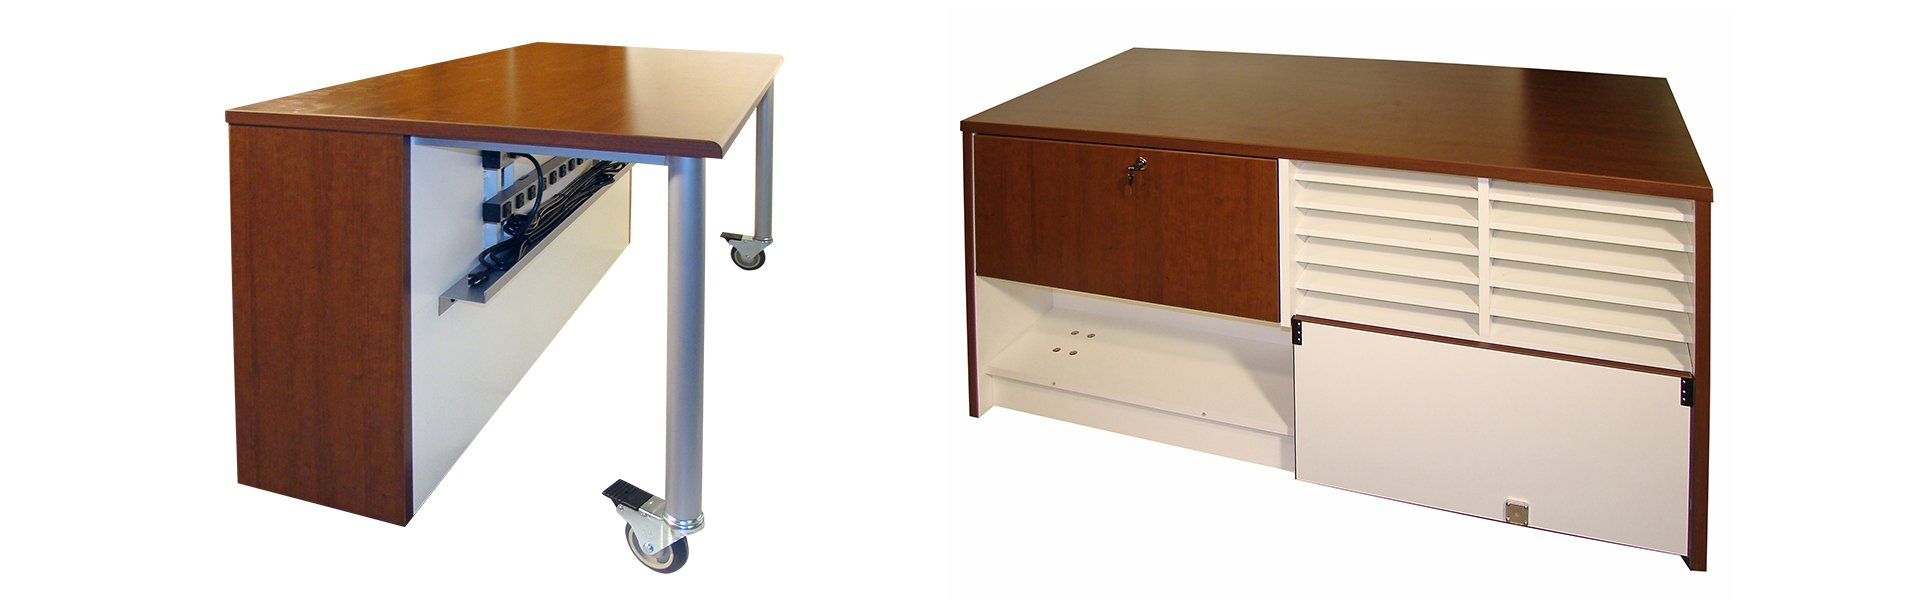 Evolutions Charging Desk